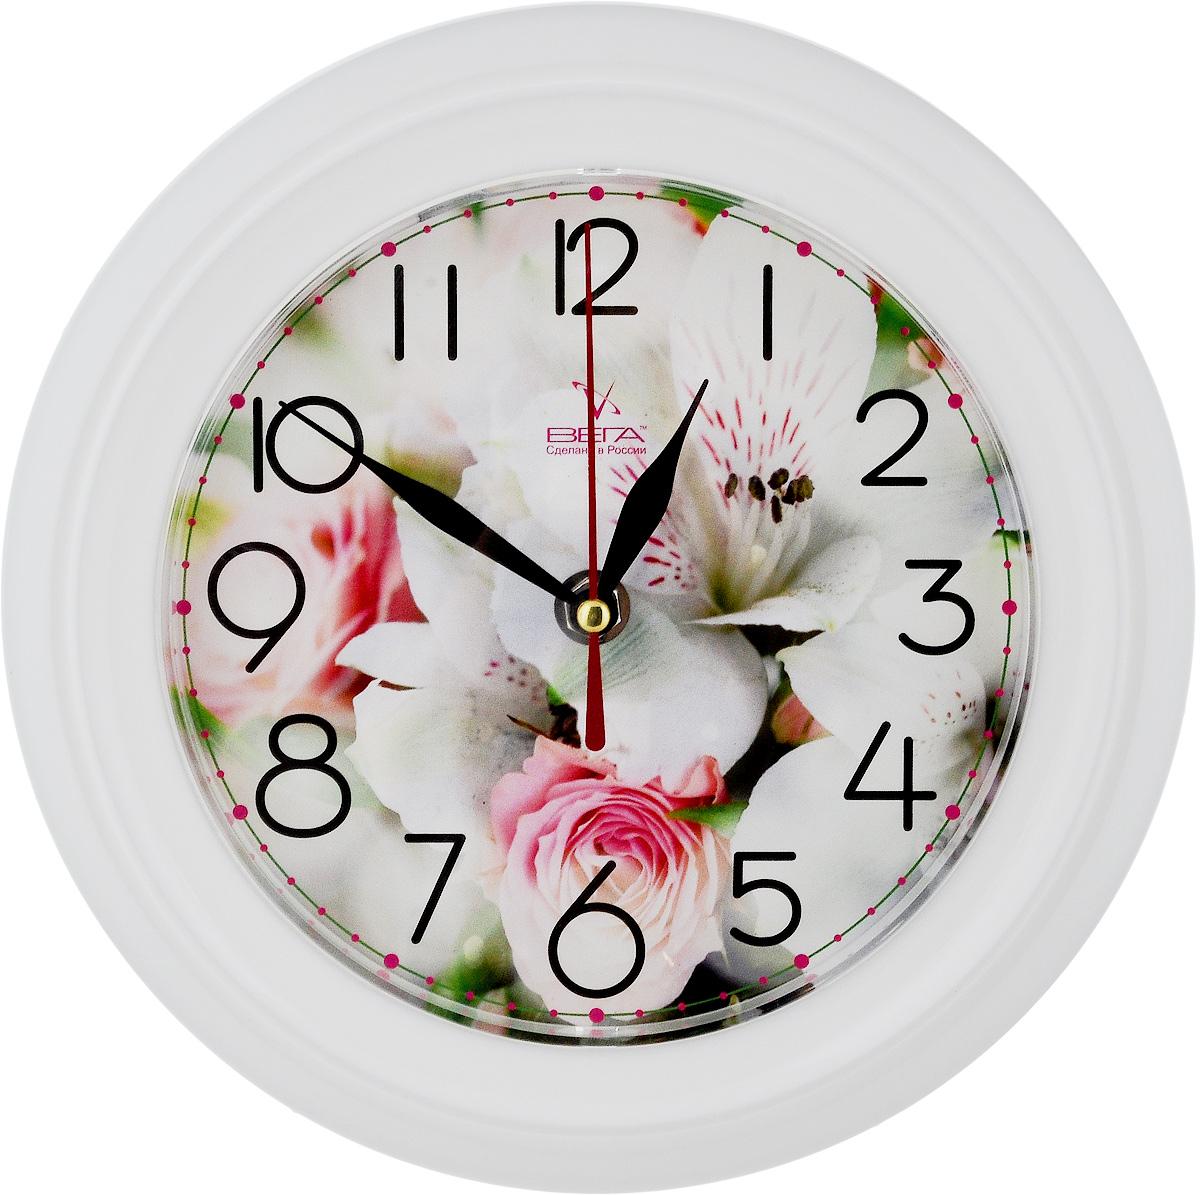 Часы настенные Вега Нежность, диаметр 22,5 смП3-791-12Настенные кварцевые часы Вега Нежность в классическом дизайне, изготовленные из пластика, прекрасно впишутся в интерьер вашего дома. Круглые часы имеют три стрелки: часовую, минутную и секундную, циферблат защищен прозрачным стеклом. Часы работают от 1 батарейки типа АА напряжением 1,5 В (не входит в комплект). Диаметр часов: 22,5 см.